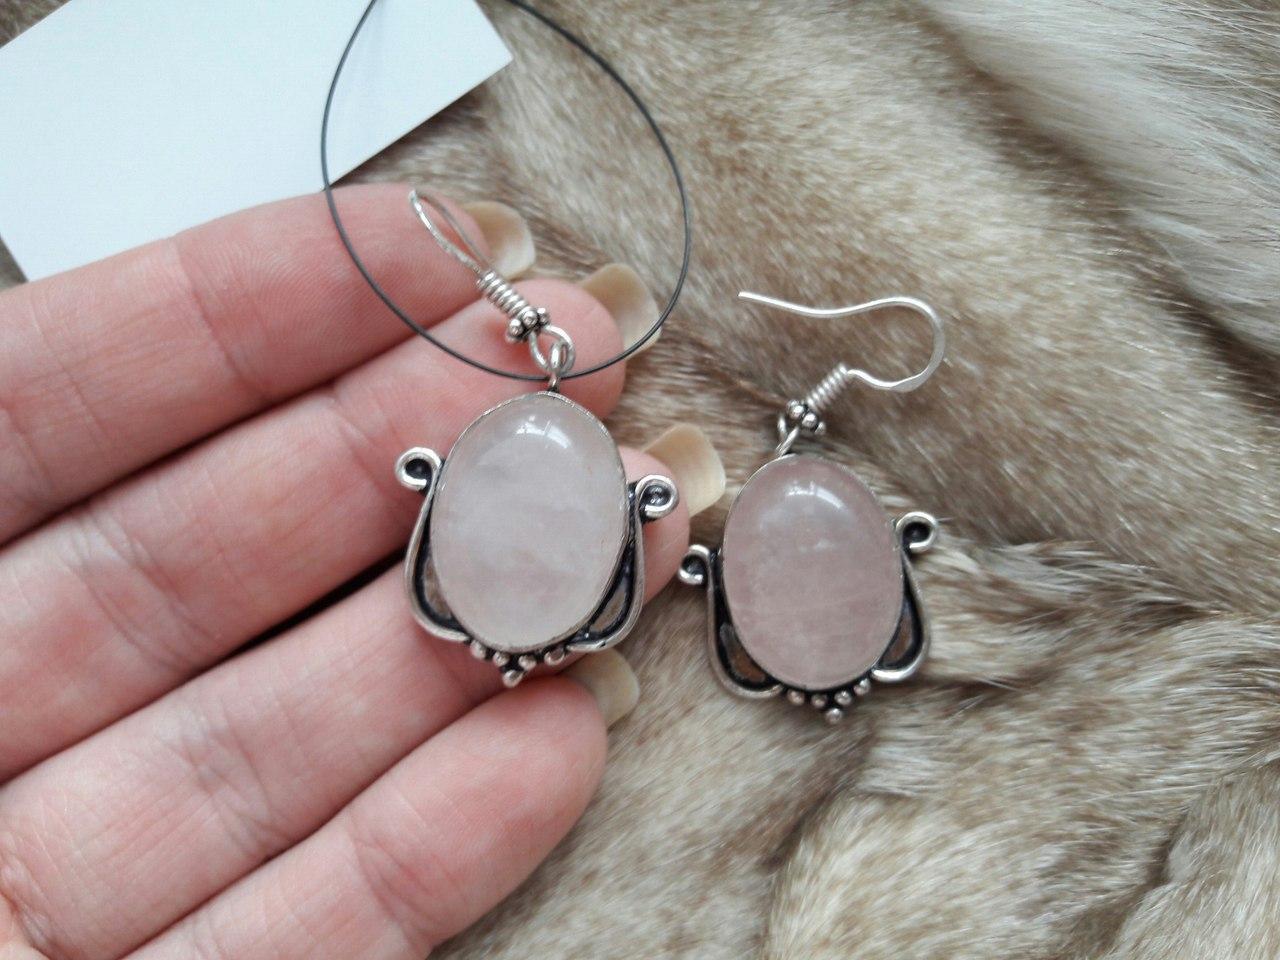 Розовый кварц серьги с кварцем. Серьги с натуральным розовым кварцем в серебре Индия